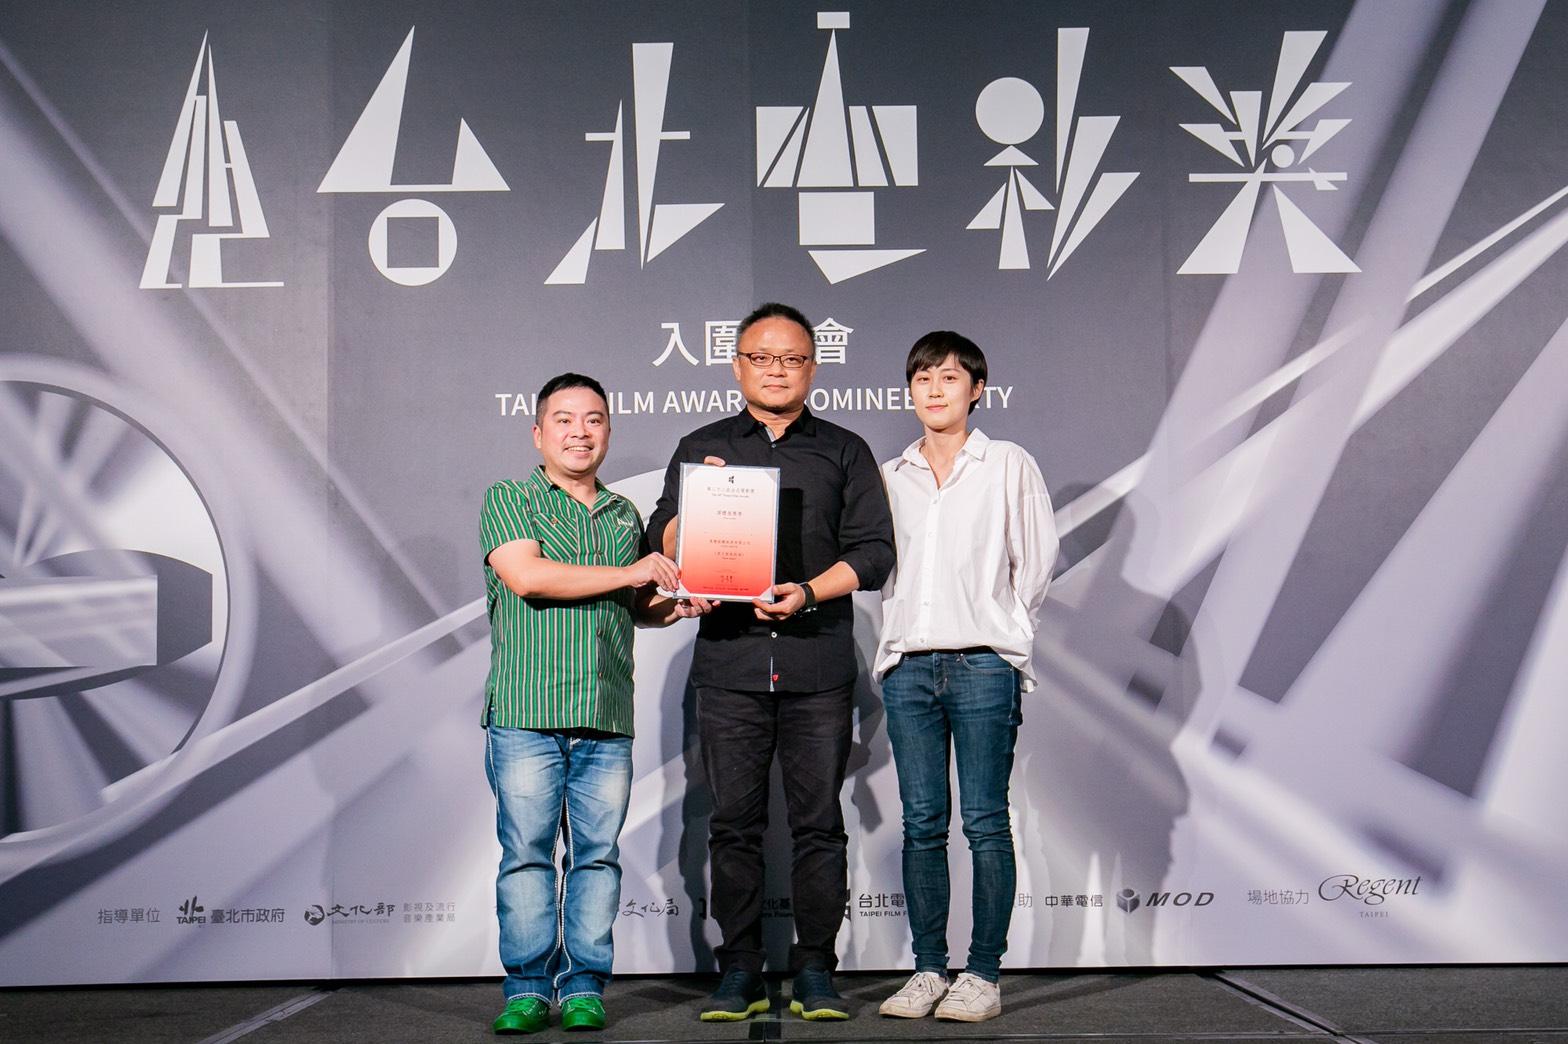 中國時報影視副主任林志勳(左)與明潮MIN'T娛樂副主任楊景婷(右)頒發媒體推薦獎給《男人與他的海》導演黃嘉俊。